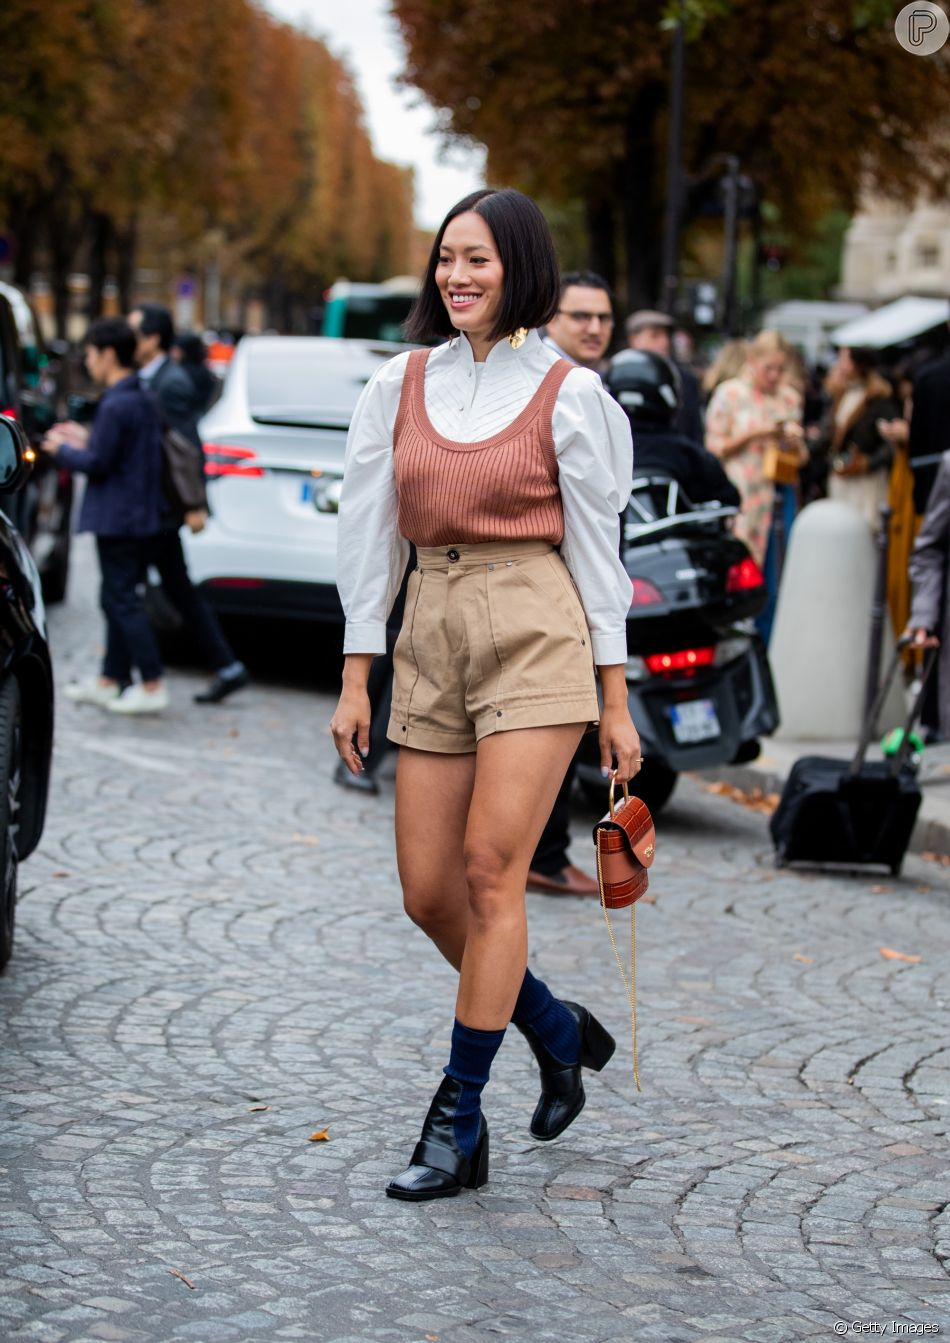 Por ser mais fresco, o short de alfaiataria pode substituir o short jeans no verão